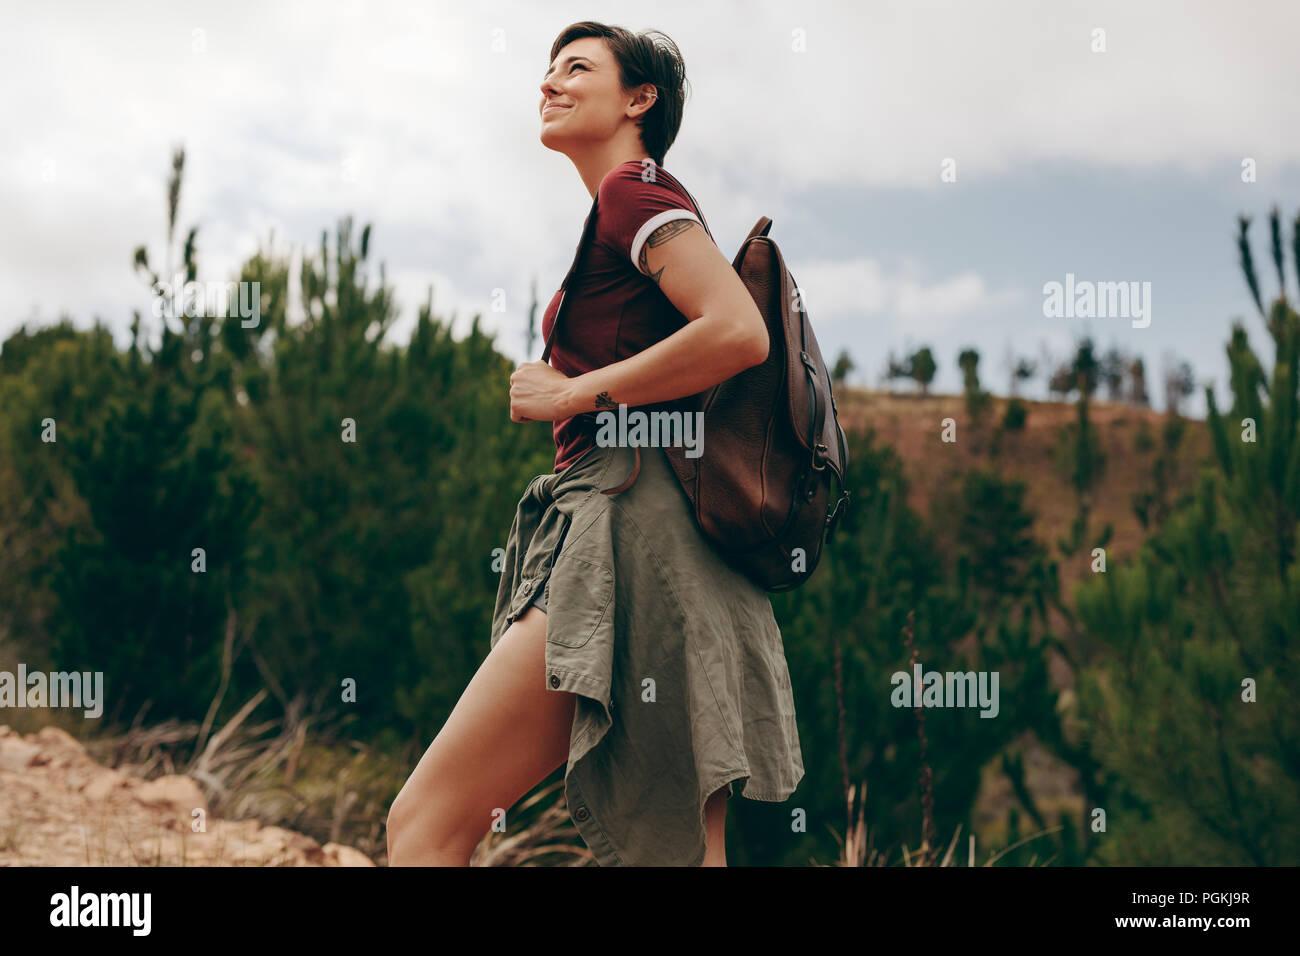 Mujer alegre y caminatas en el bosque. La mujer llevaba una bolsa caminando a través del bosque con árboles en el fondo Imagen De Stock